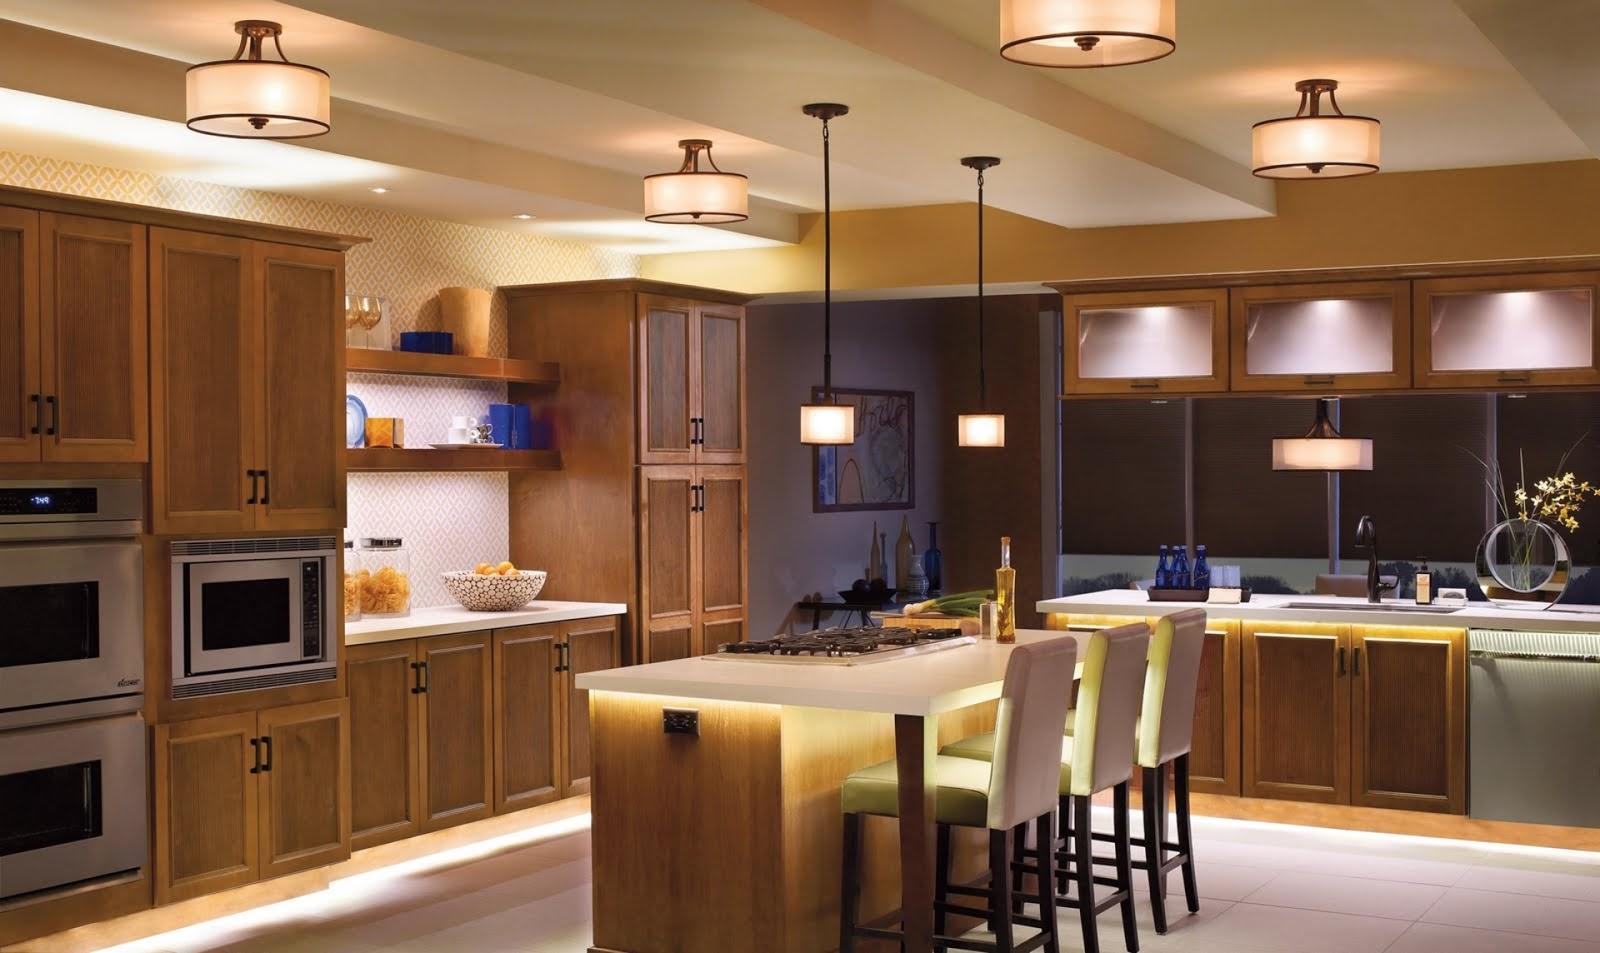 Подсветка пола по периметру кухни